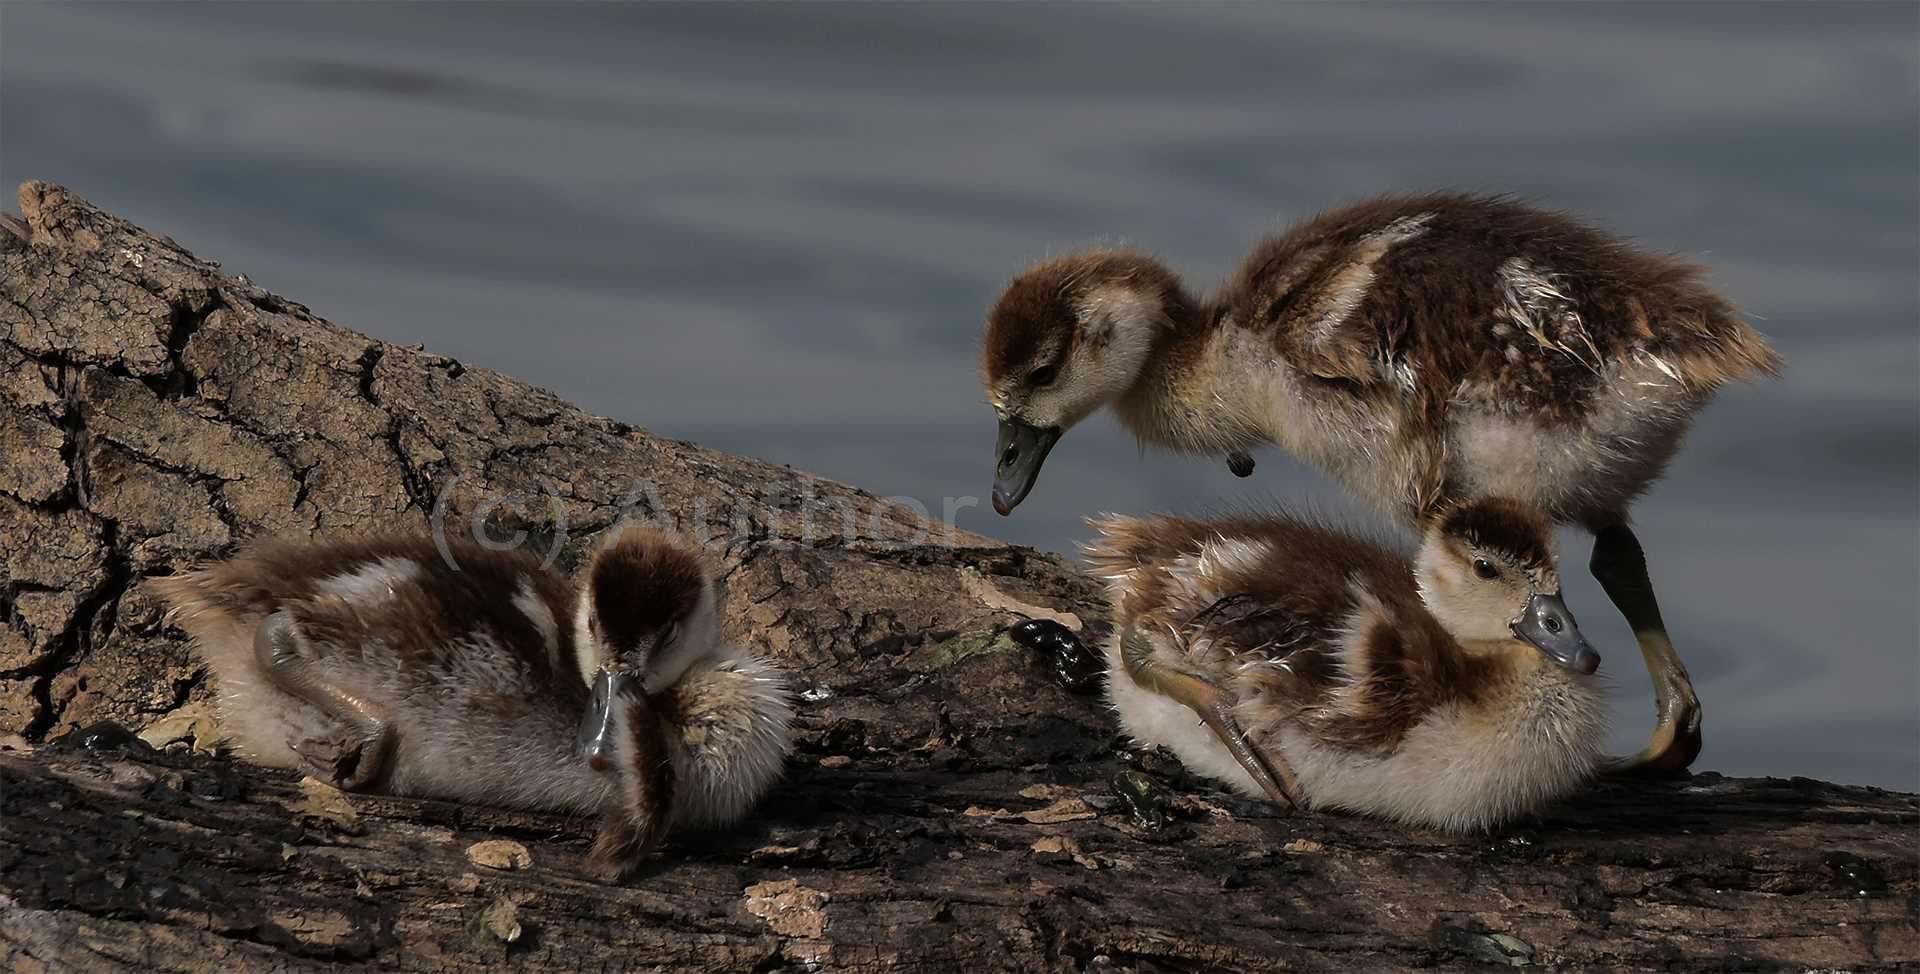 3_na_Egyptian Geese Goslings_Brian Kleinwort